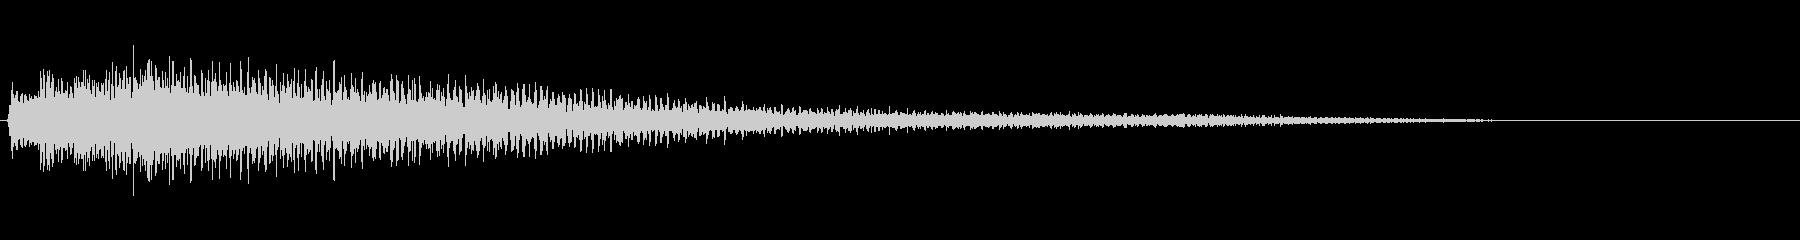 【ピアノ生演奏】少し落ち着いたジングルの未再生の波形